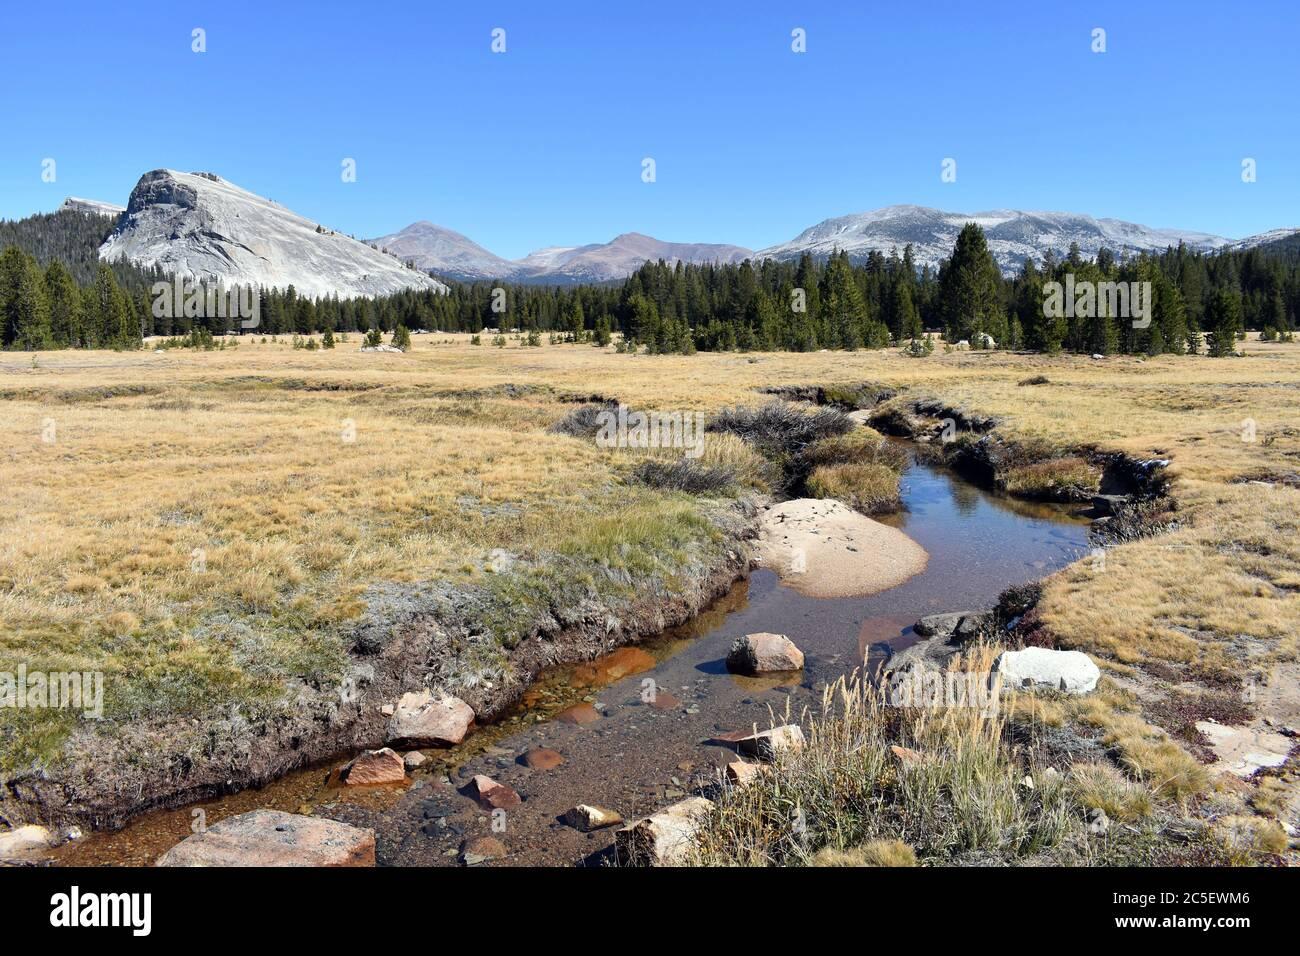 Vista dei prati di Tuolumne in autunno / autunno con la cupola di Lembert e il fiume Tuolumne circondato da erba gialla. Yosemite National Park, California. Foto Stock